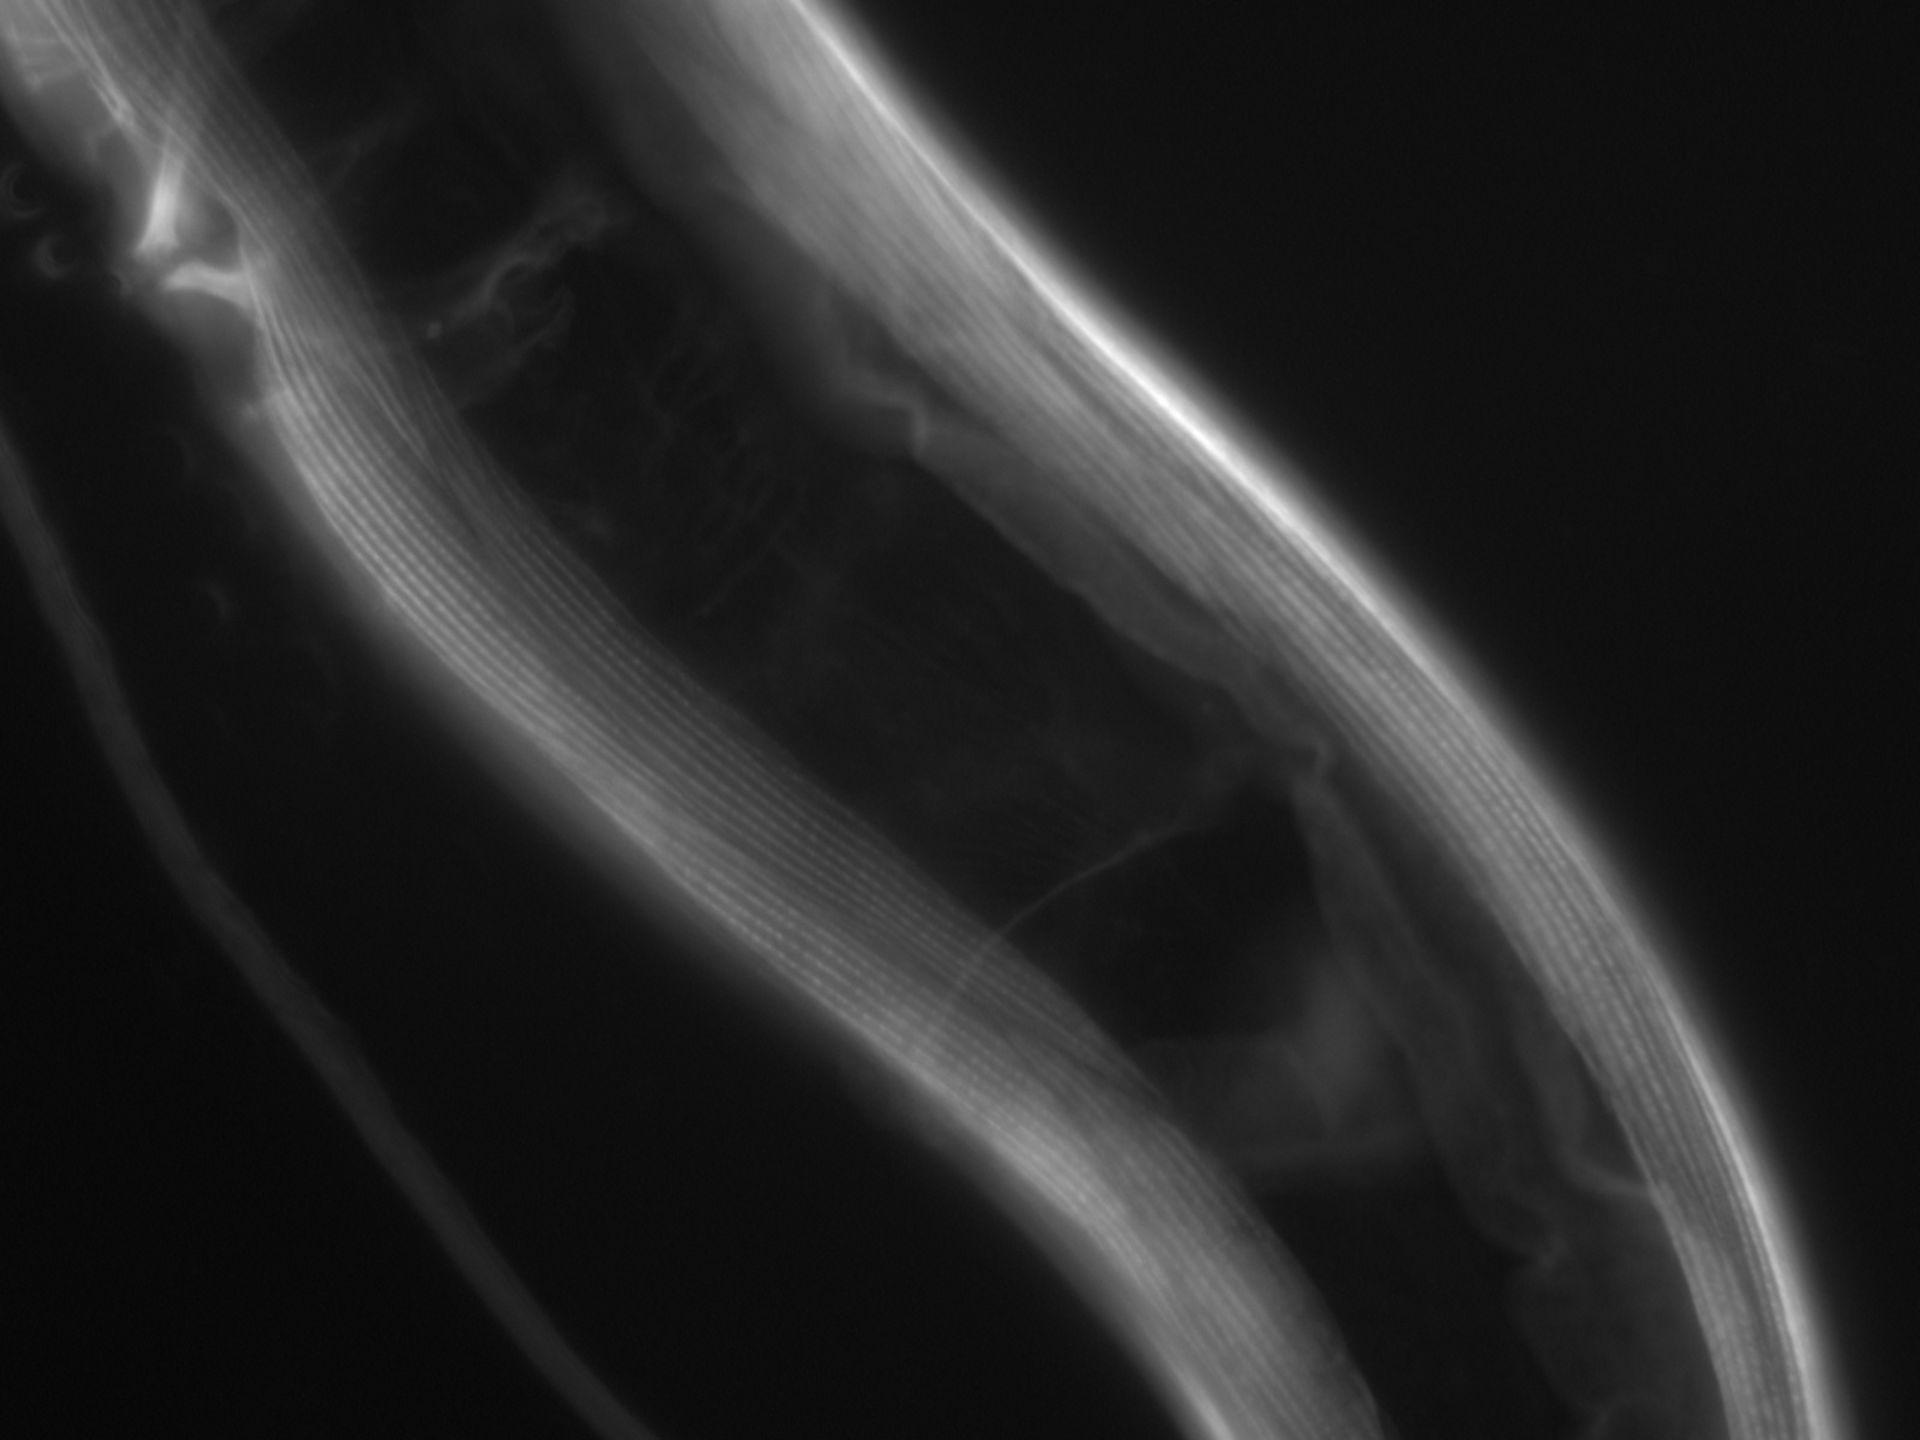 Caenorhabditis elegans (Actin filament) - CIL:1059